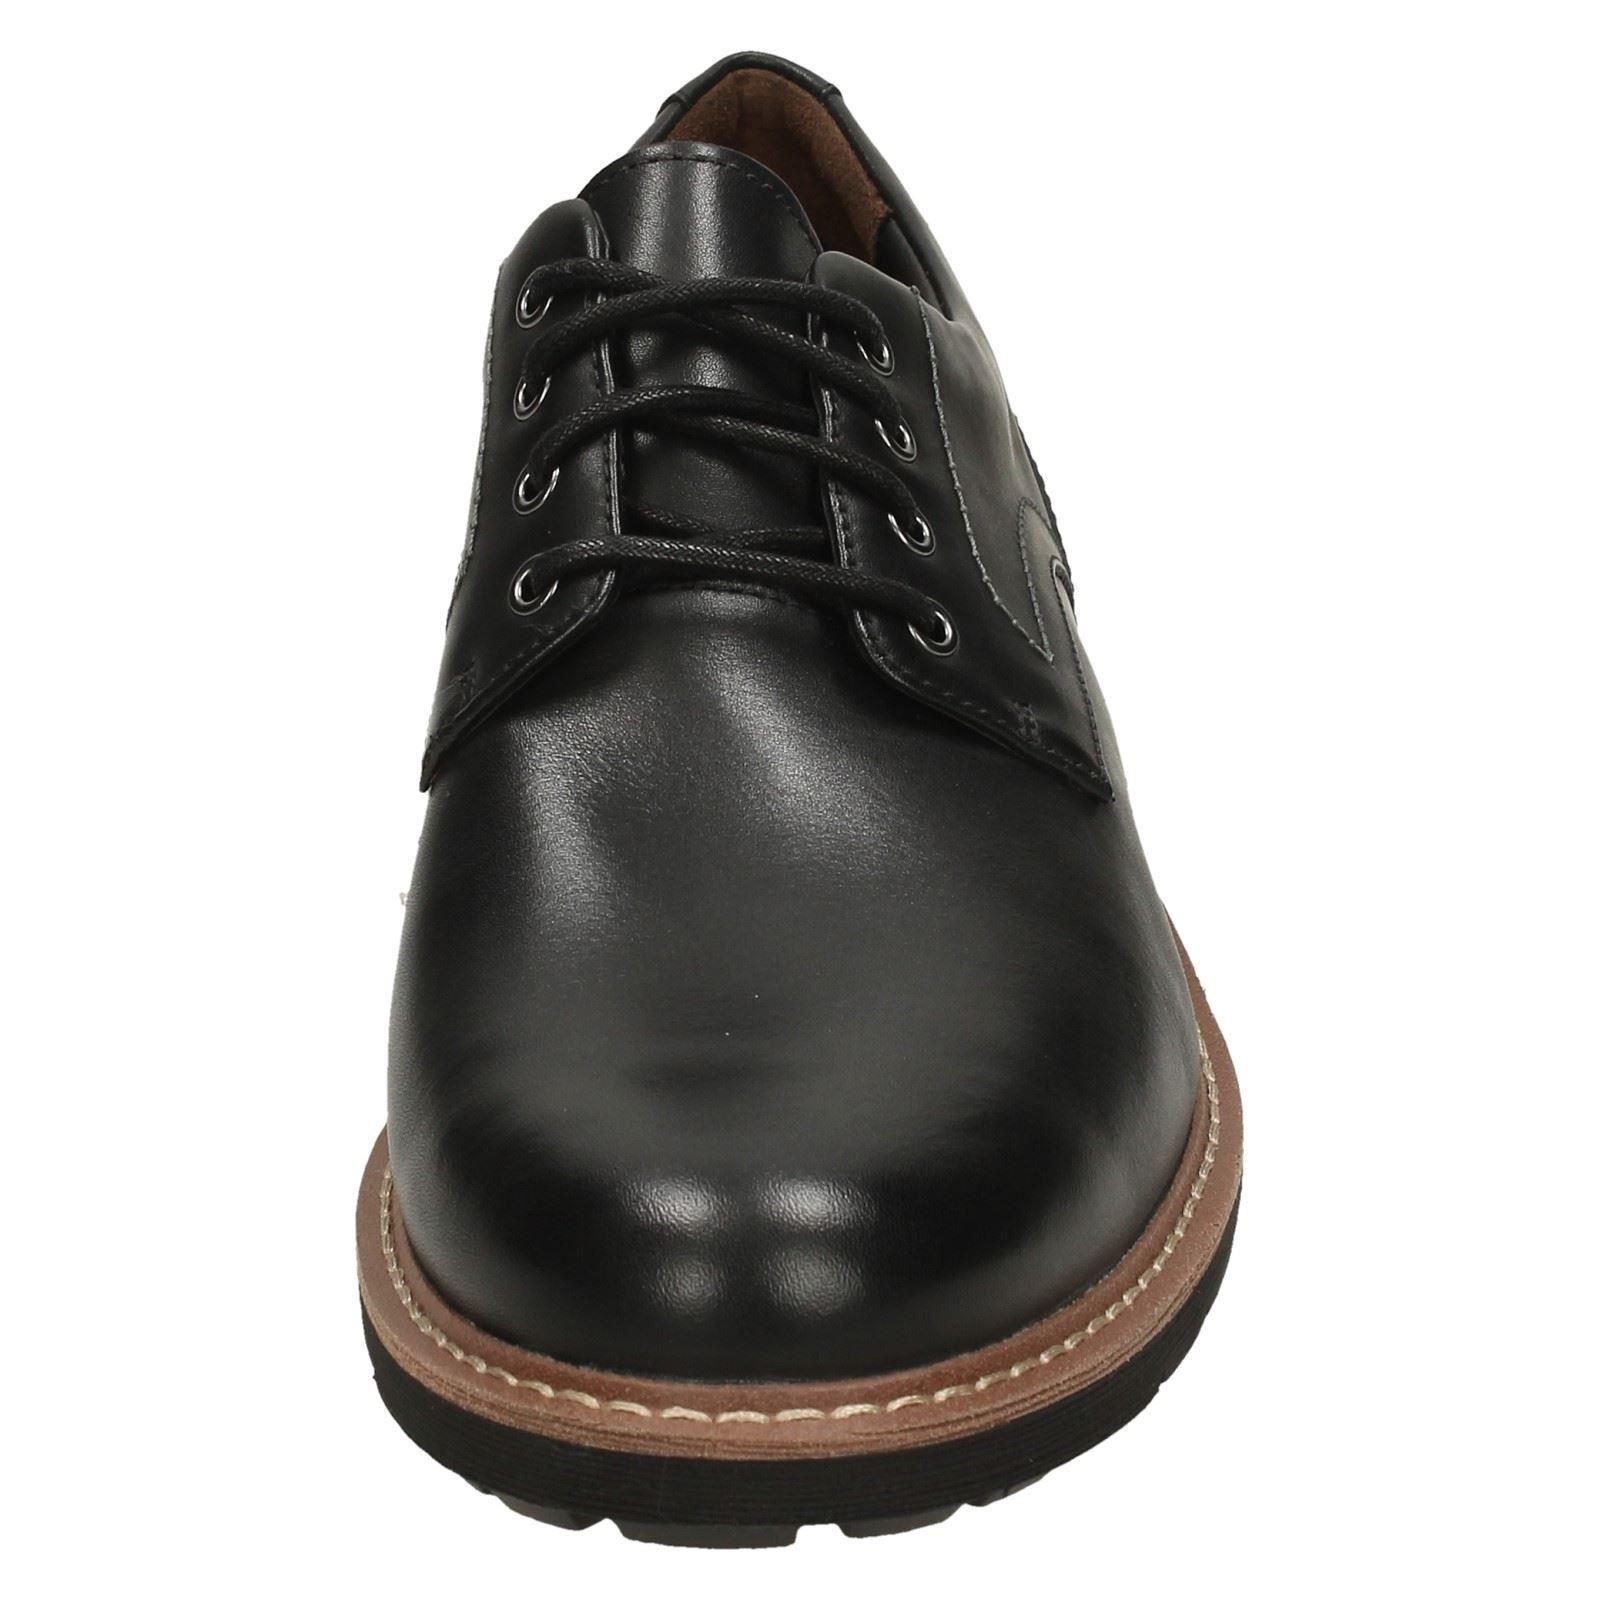 Rksmens Clarks Intelligente Spitzen schwarz sich Schuhe 'batcombe Hall' schwarz Spitzen 9f852b